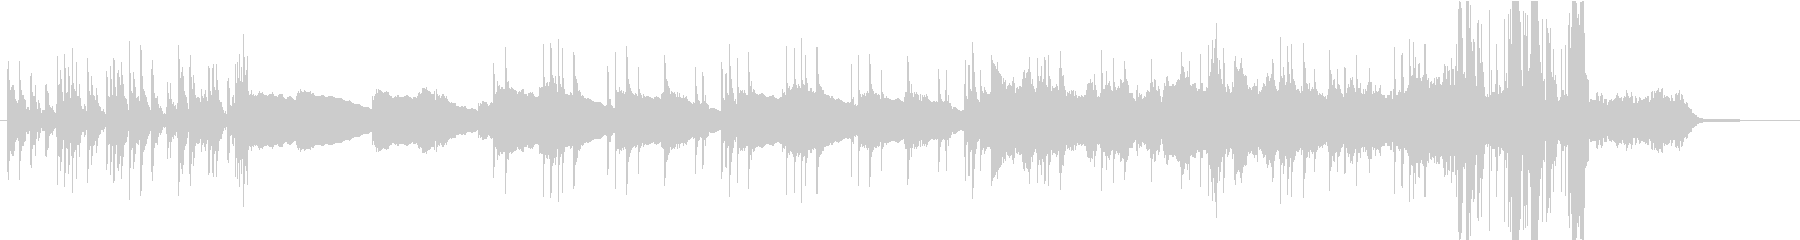 メロウなエレピと複雑なドラムのインストの未再生の波形